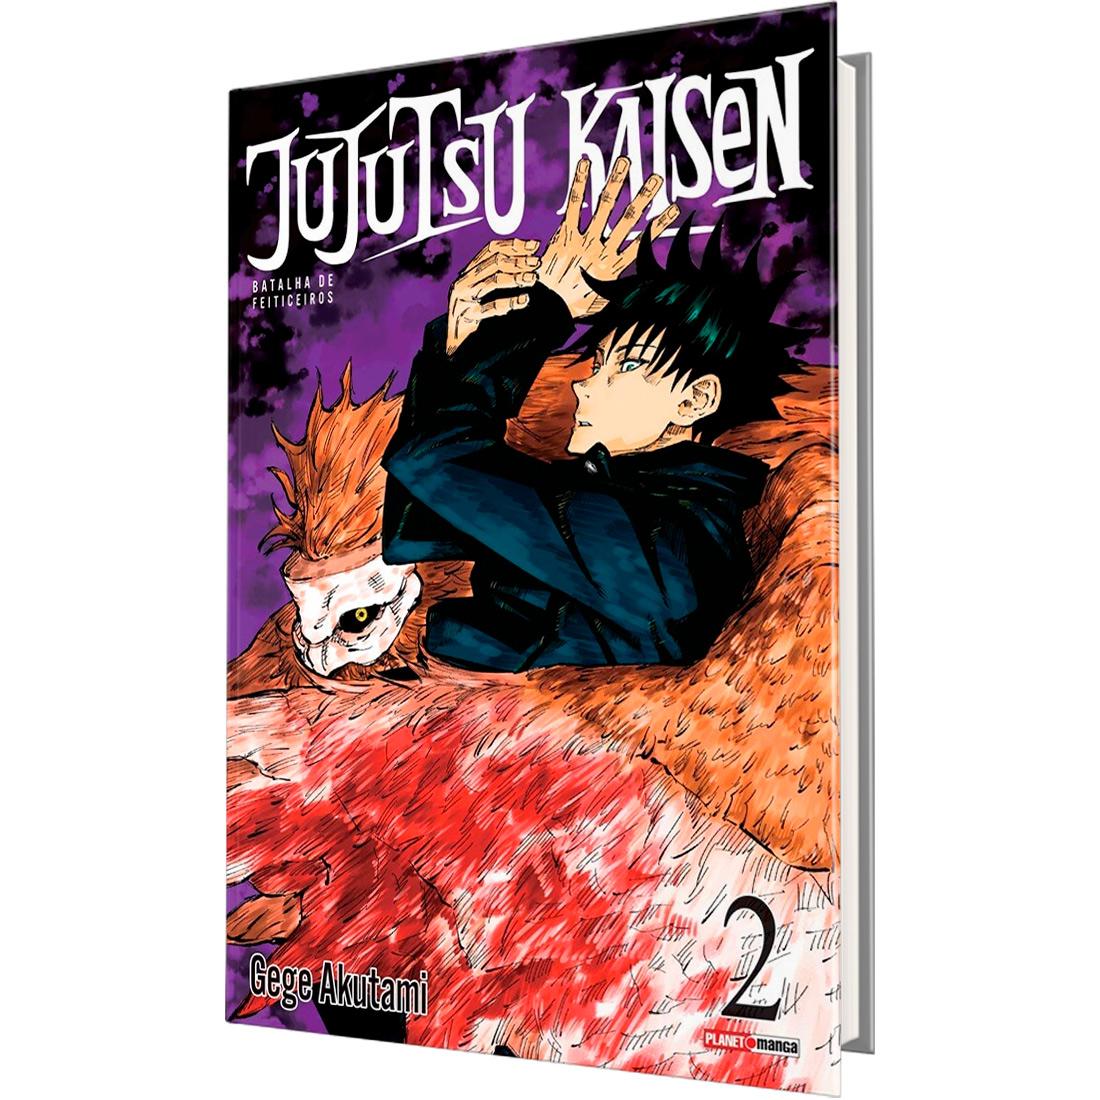 Jujutsu Kaisen - Batalha de Feiticeiros Vol. 2